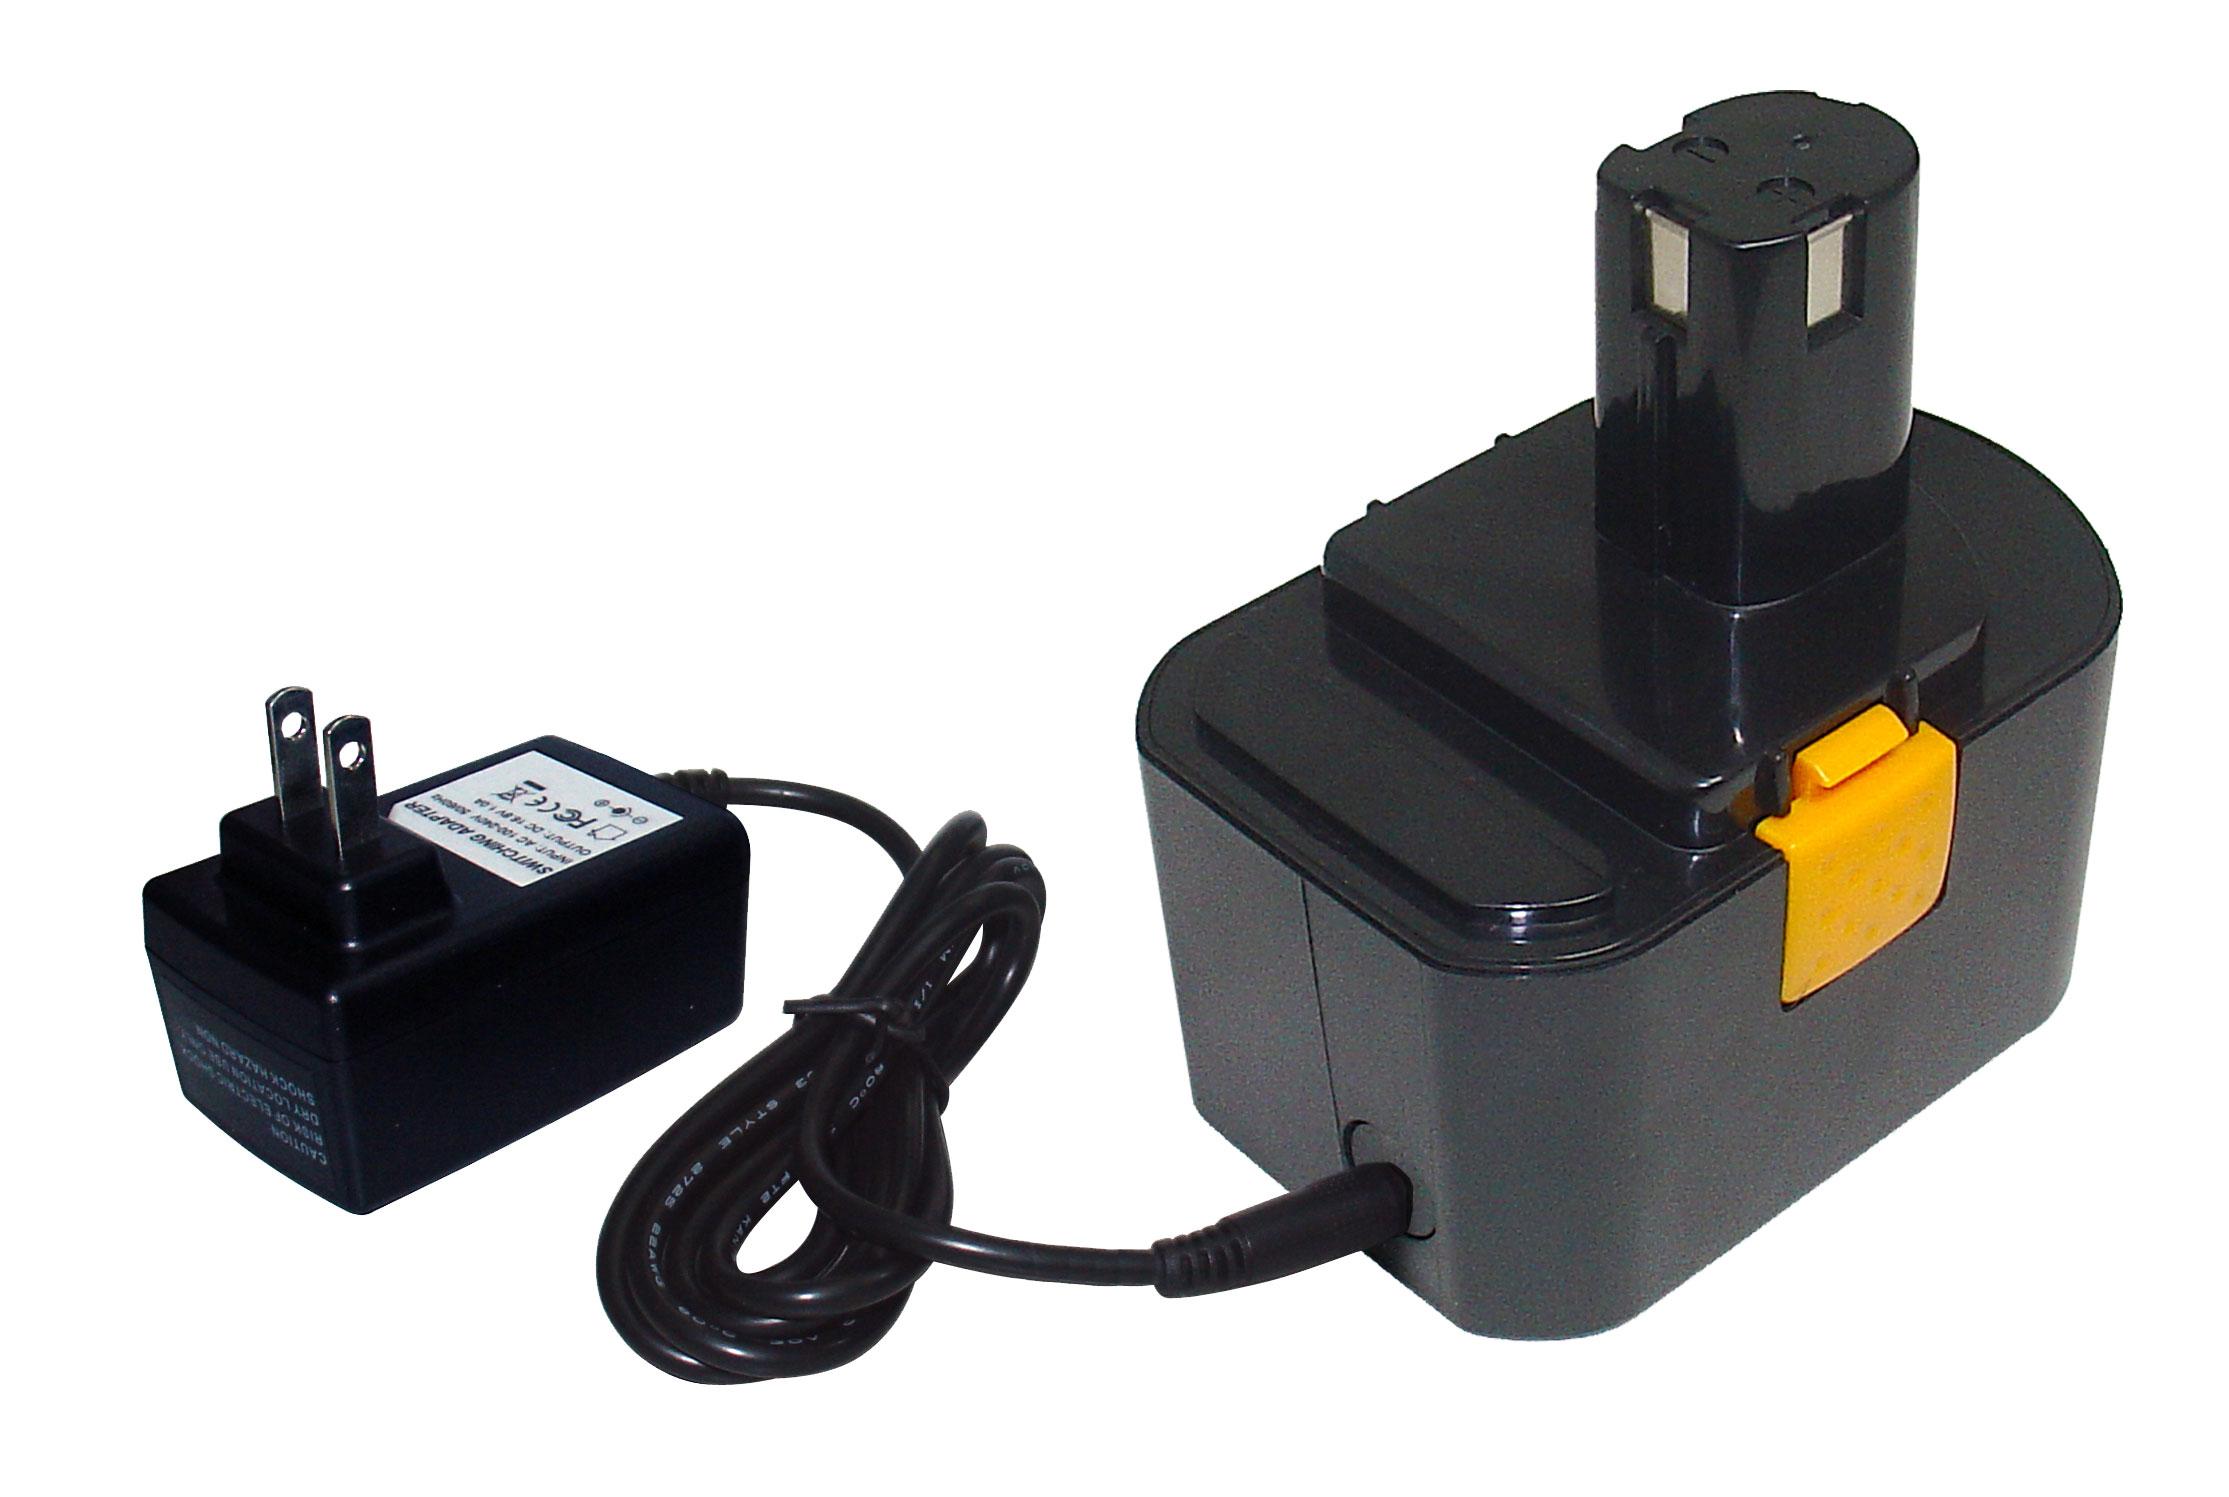 2 li ion 14 4v 1 5ah batteries charger for ryobi 130111073 130224010 130224011 ebay. Black Bedroom Furniture Sets. Home Design Ideas